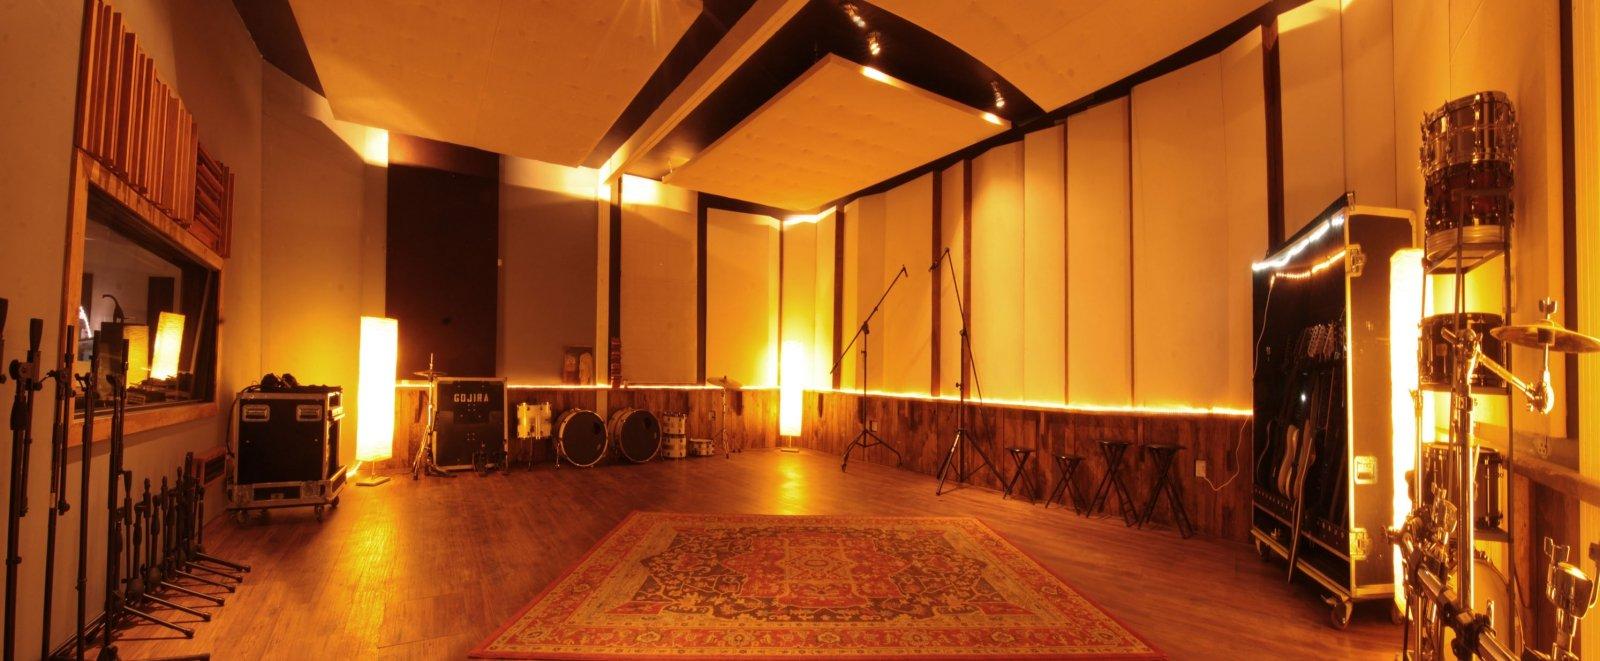 SILVER CORD Studio | Home